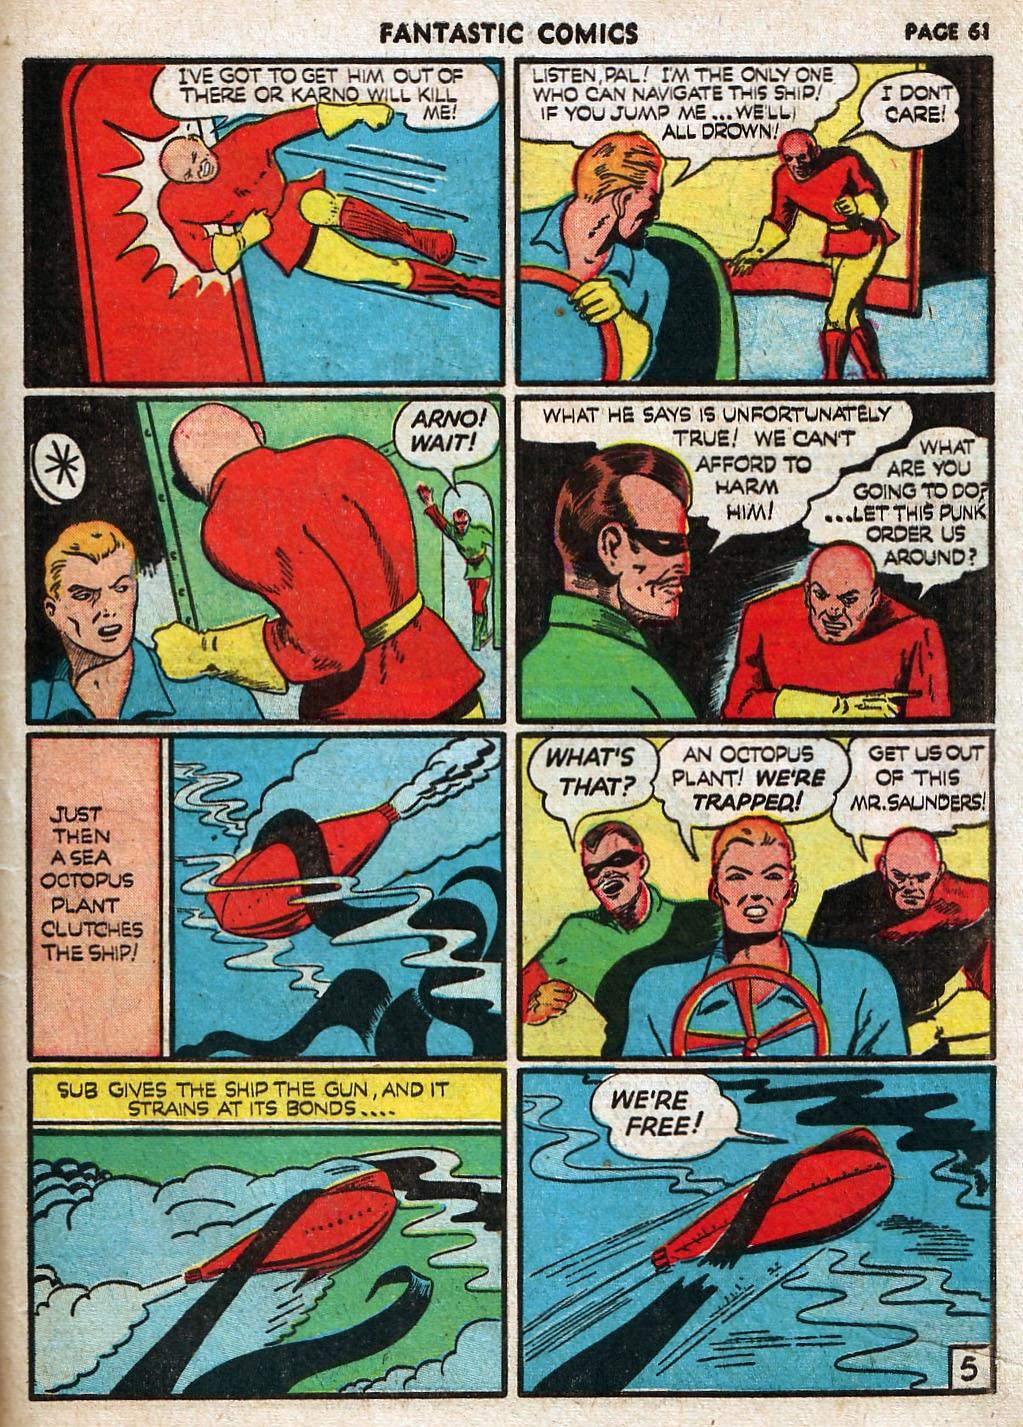 Read online Fantastic Comics comic -  Issue #17 - 62